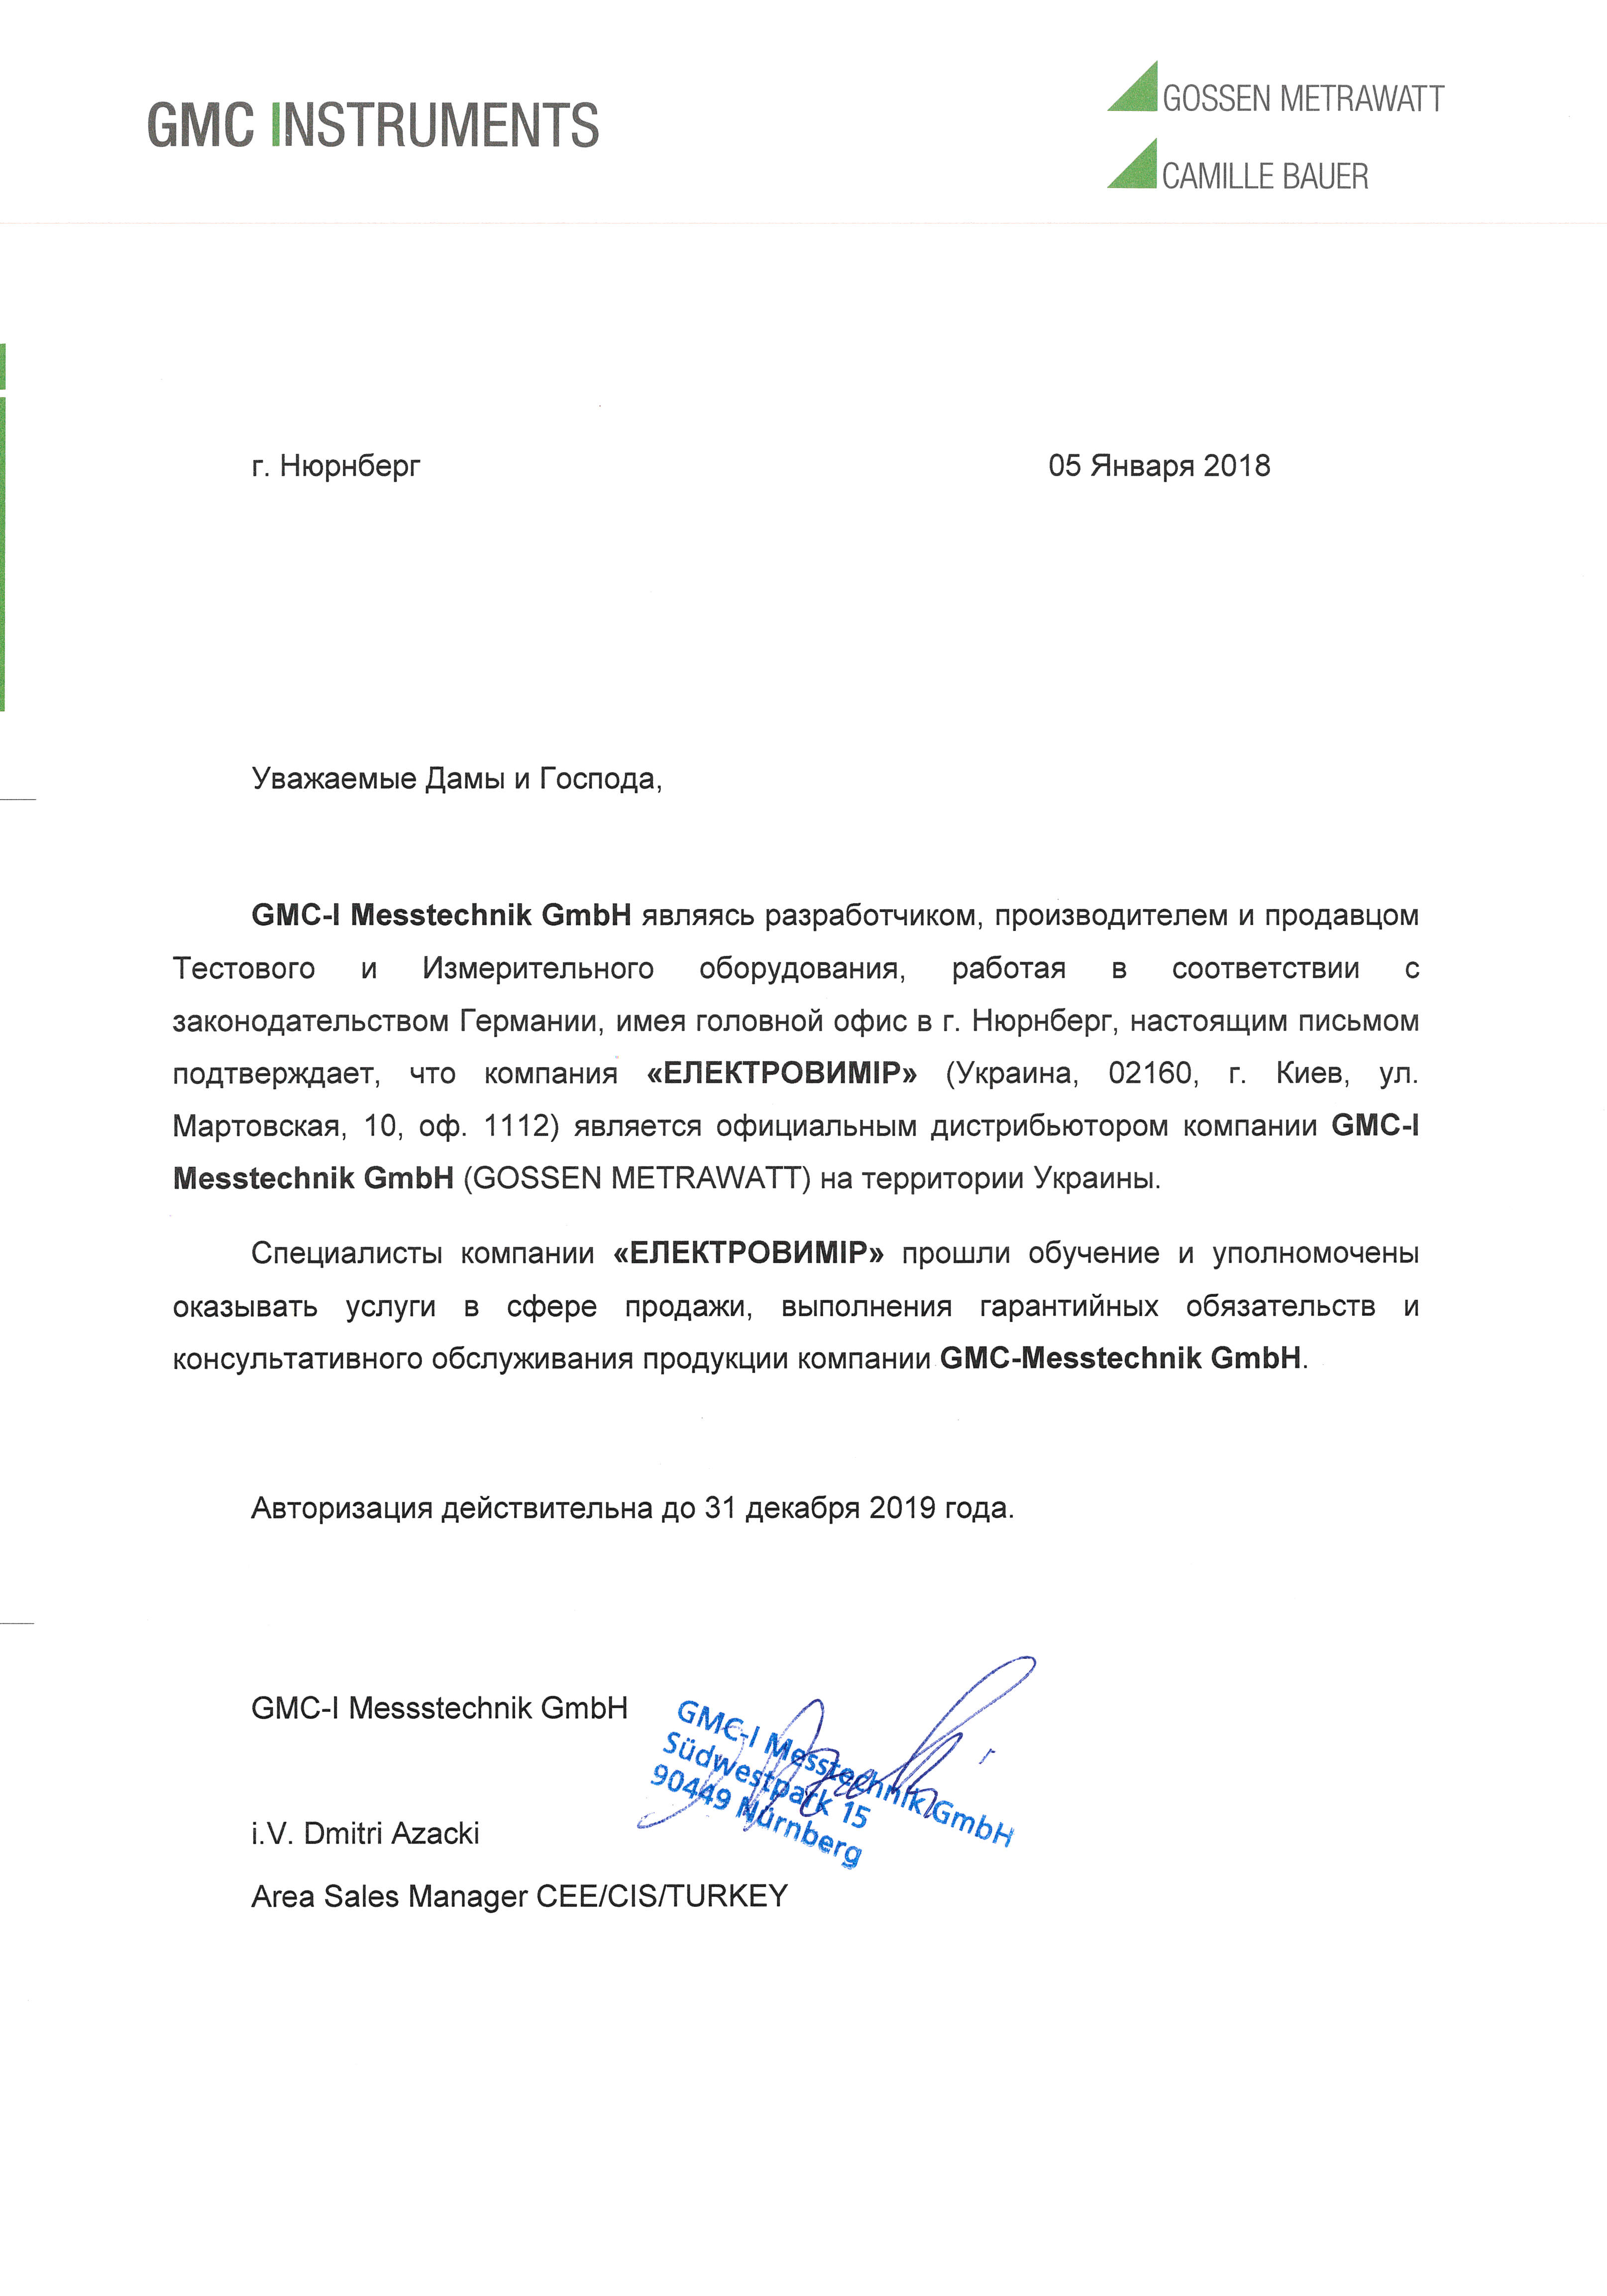 Сертификат Gossen Metrawatt